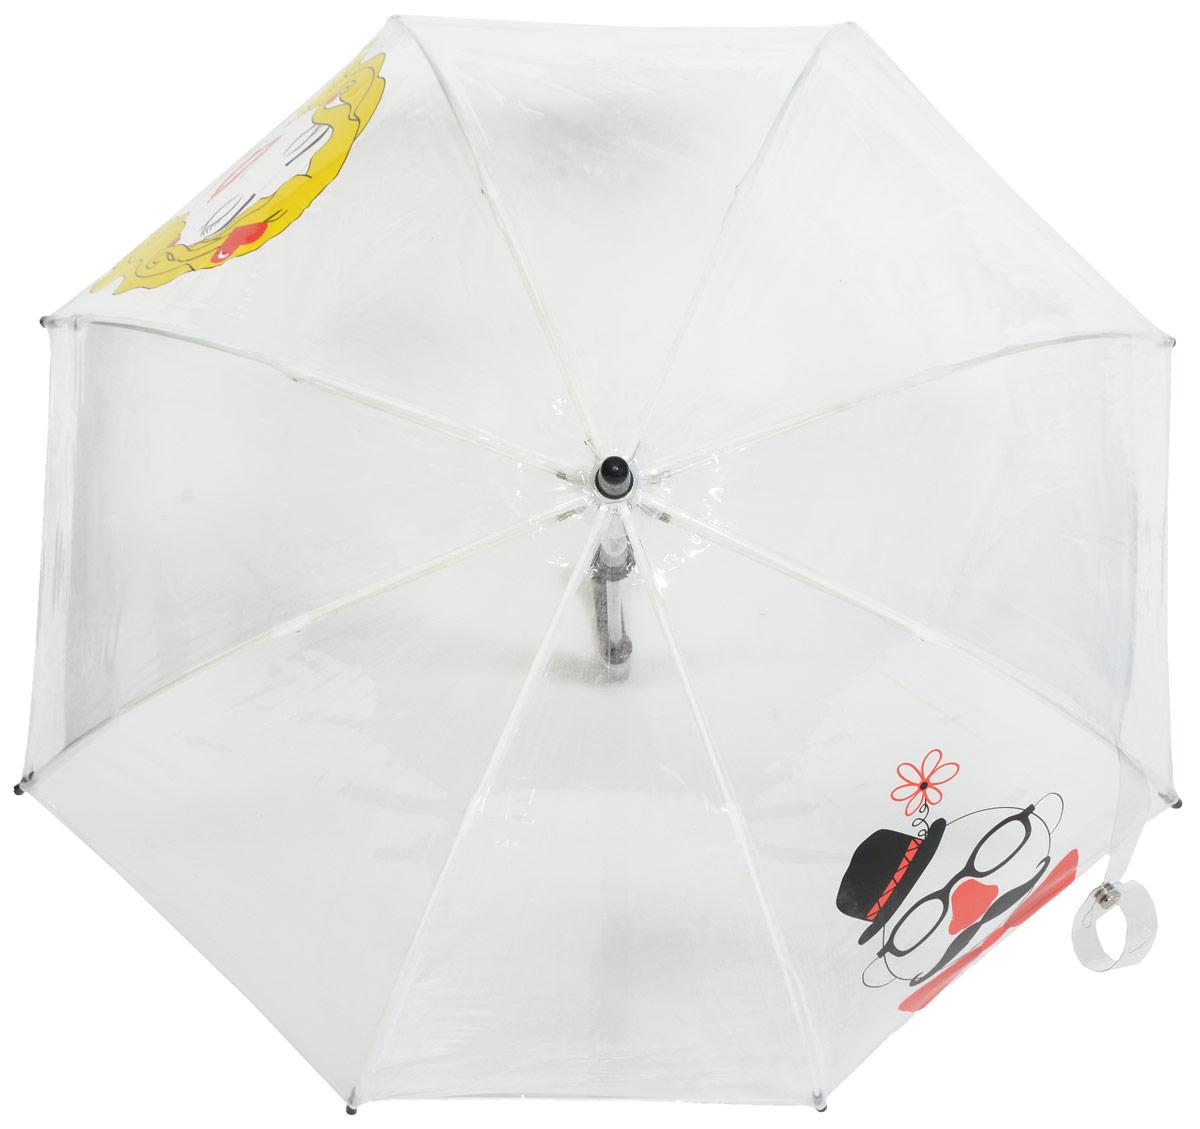 Зонт детский Fulton, расцветка: лица. C605-2868 FunnyFacesC605-2868 FunnyFacesСимпатичный прозрачный зонтик в форме купола с ярким узором обязательно понравится Вашему ребенку! Специальная безопасная и надежная технология открывания и закрывания. Модная форма купола. Зонт отлично защищает от дождя, и при этом он абсолютно прозрачен. Прочный ветроустойчивый каркас из фибергласса. Длина в сложенном виде 68,5 см, диаметр купола 65 см